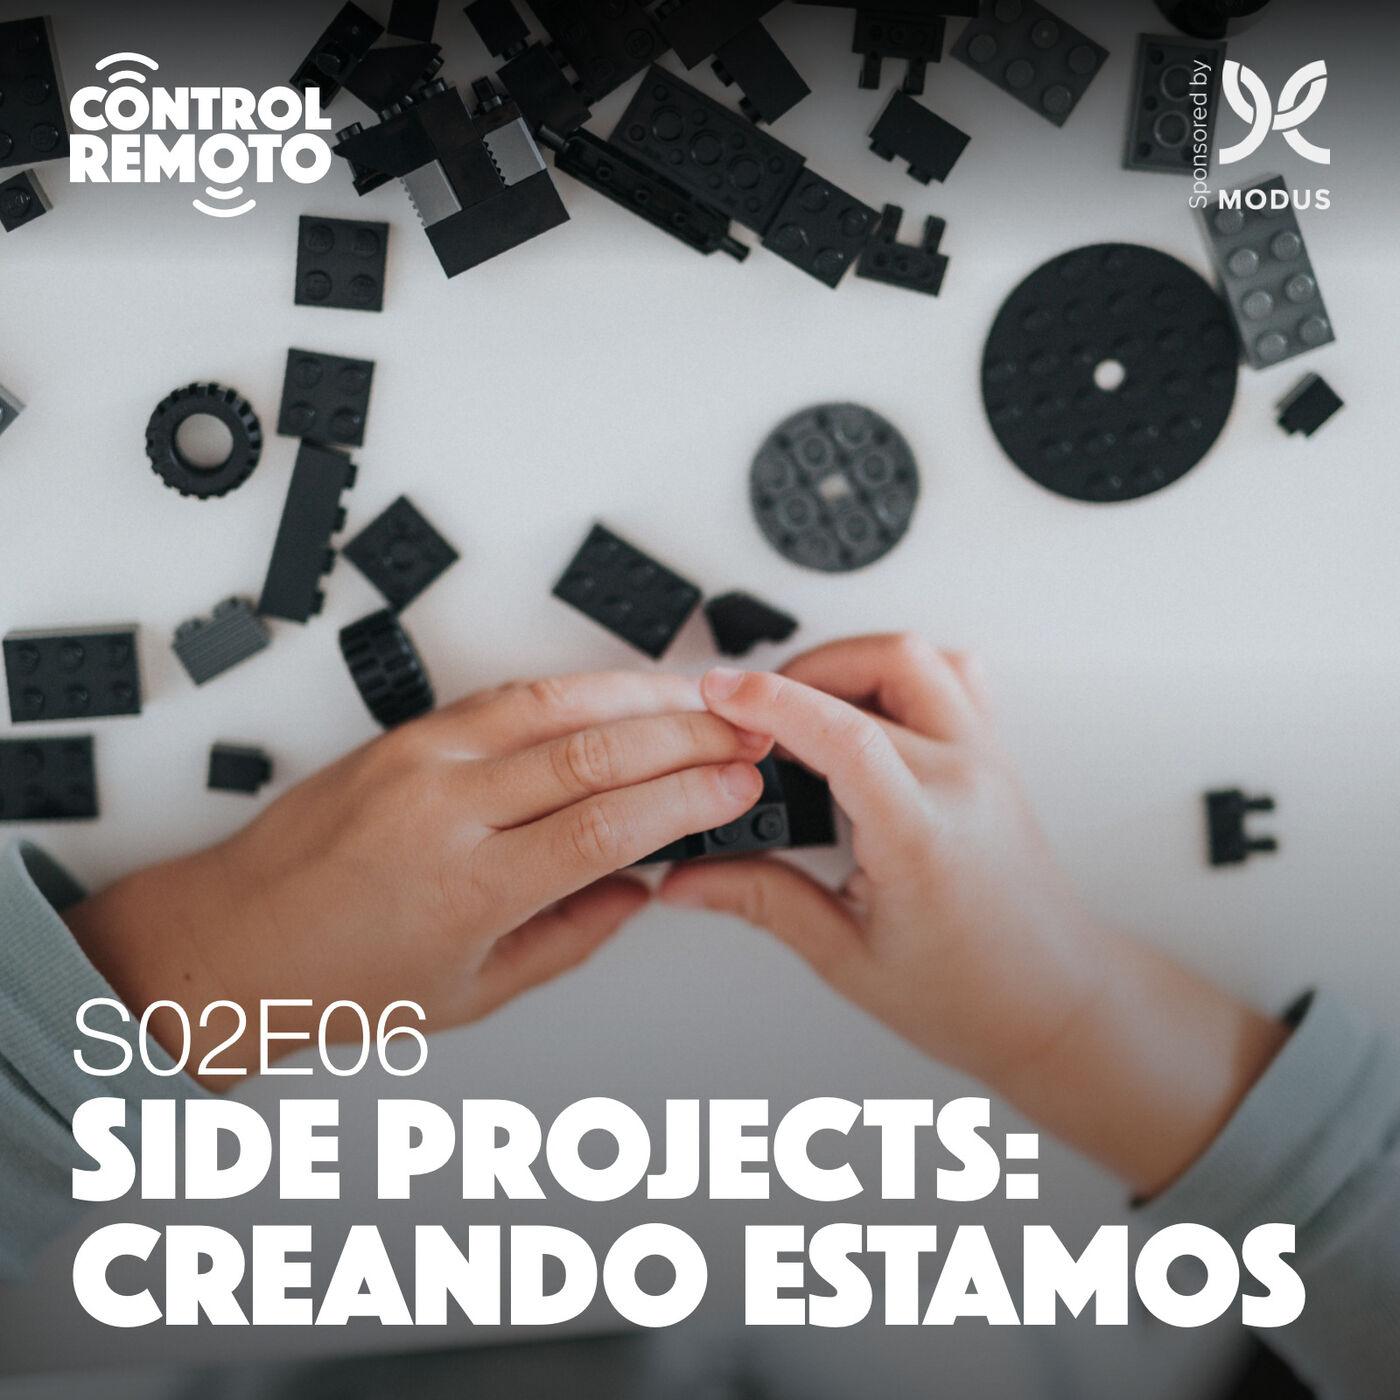 Side Projects: Creando Estamos